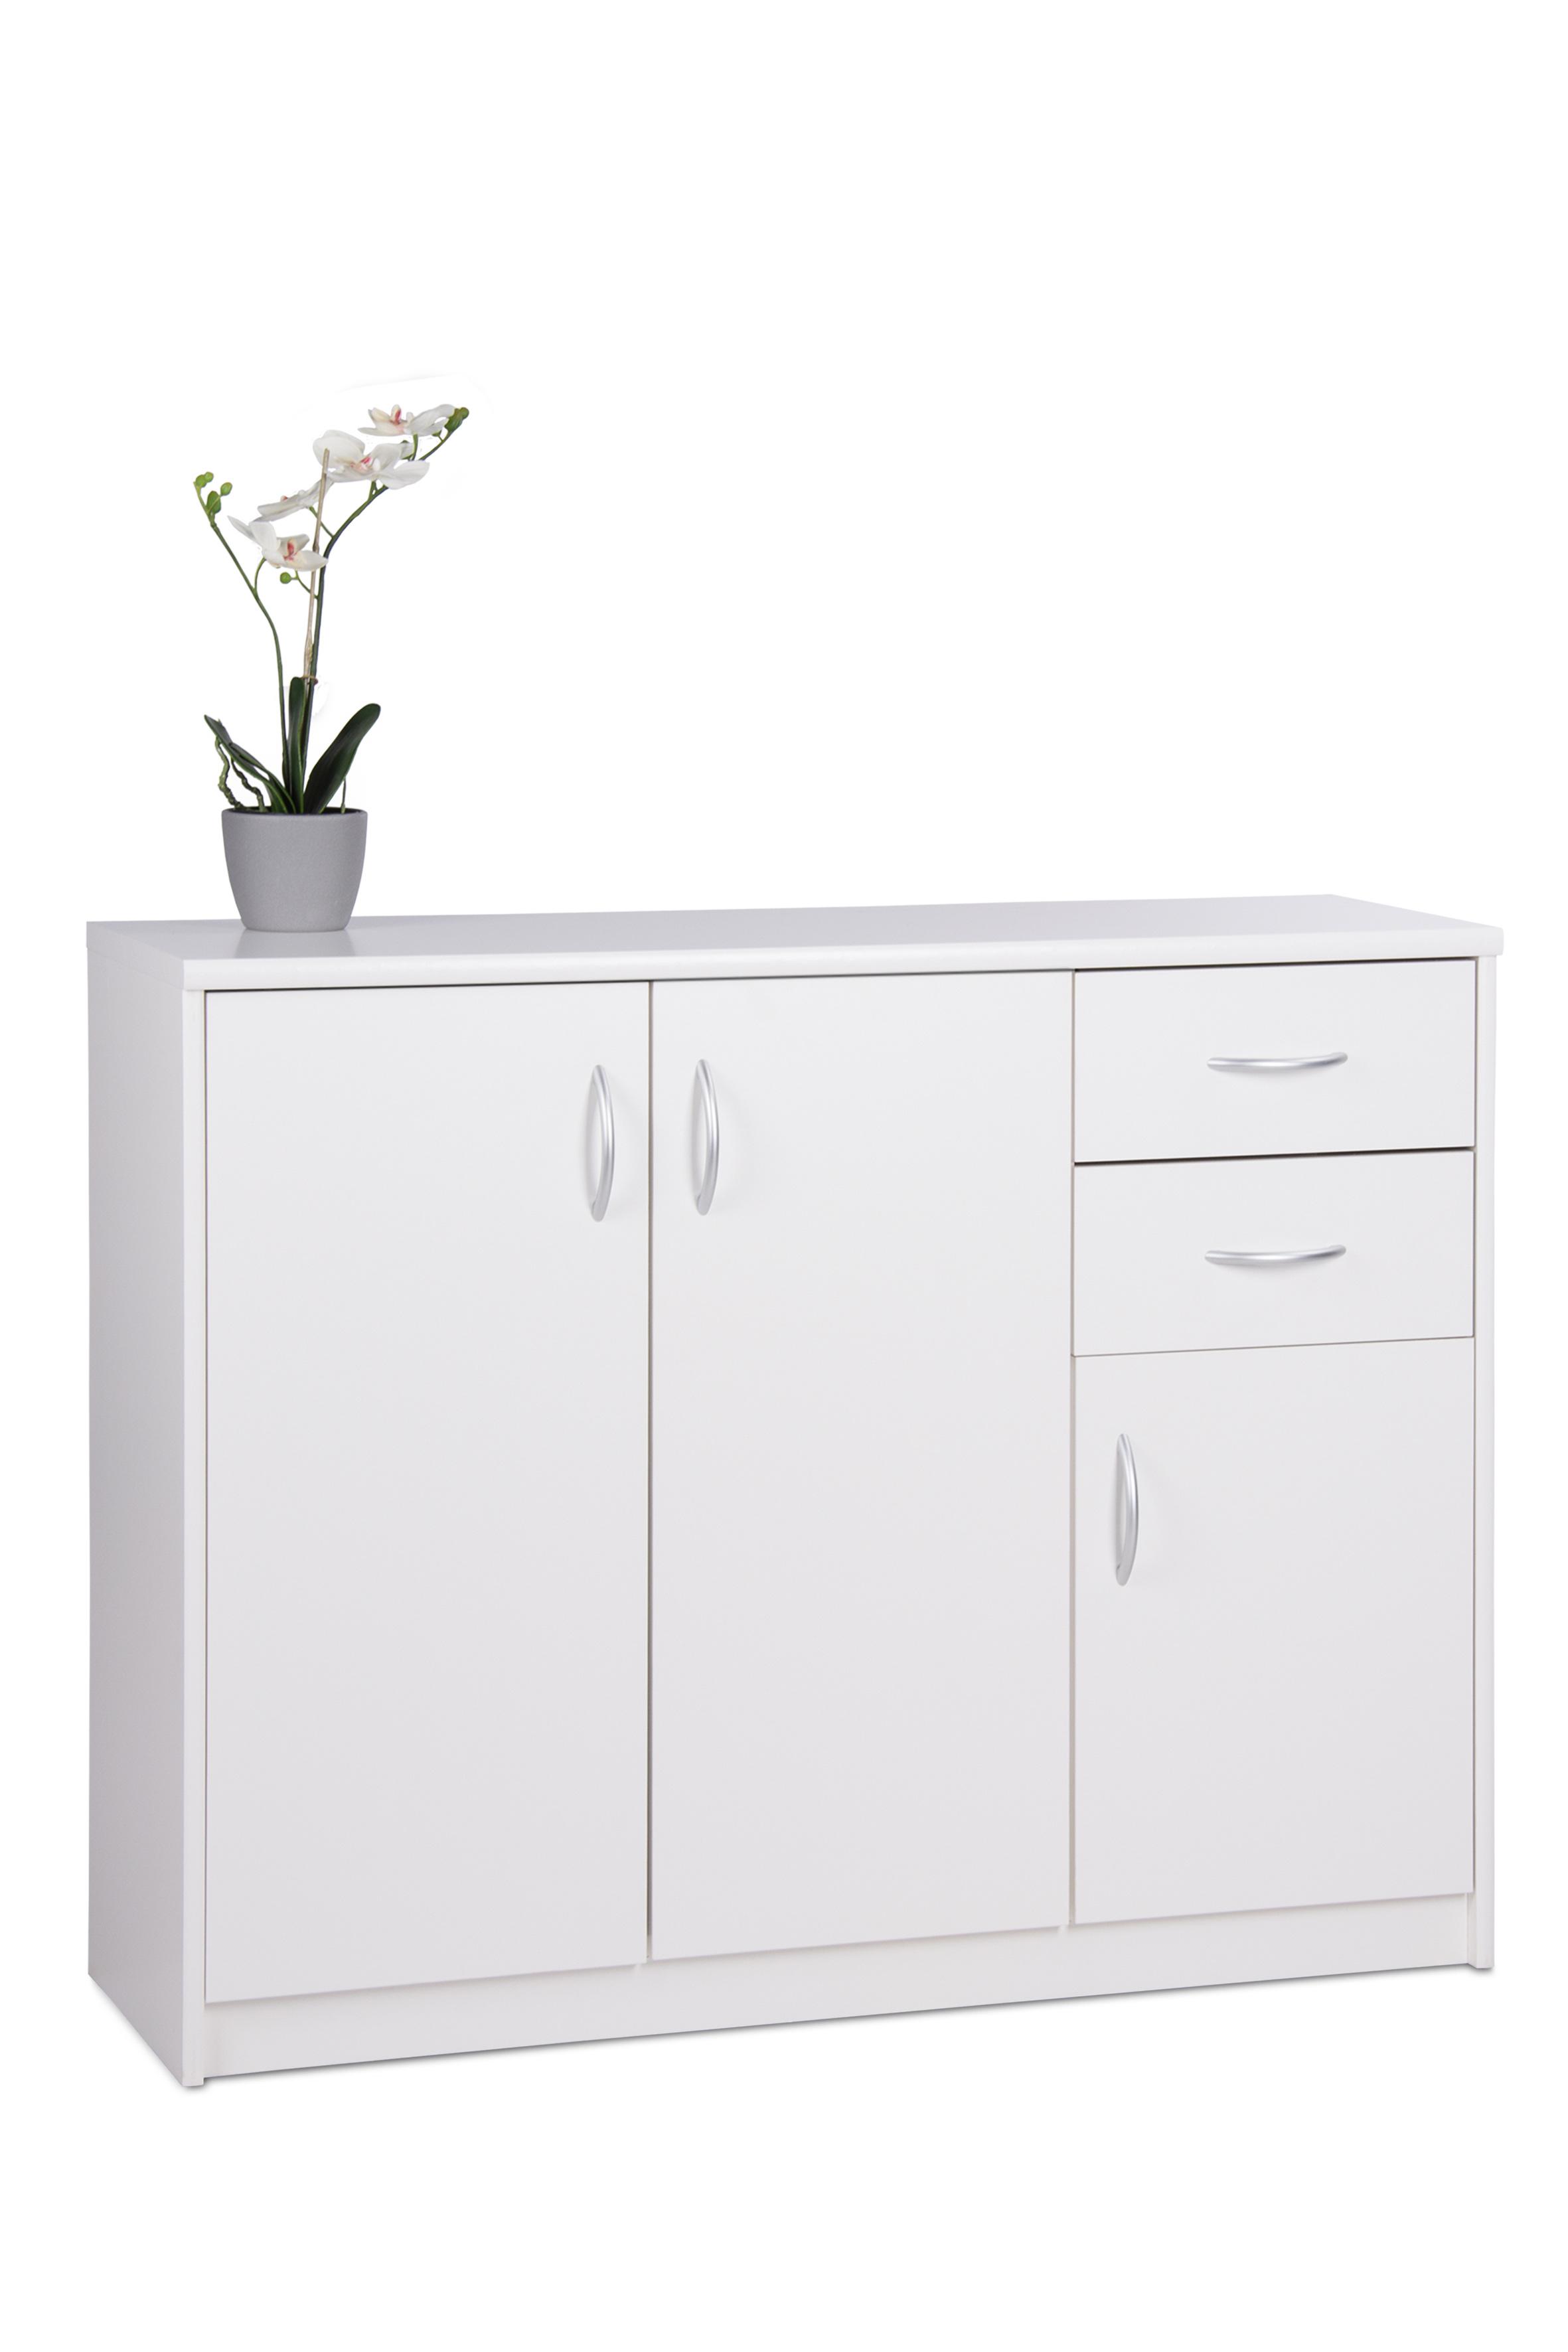 Meuble de rangement contemporain 3 portes/2 tiroirs blanc Niels II